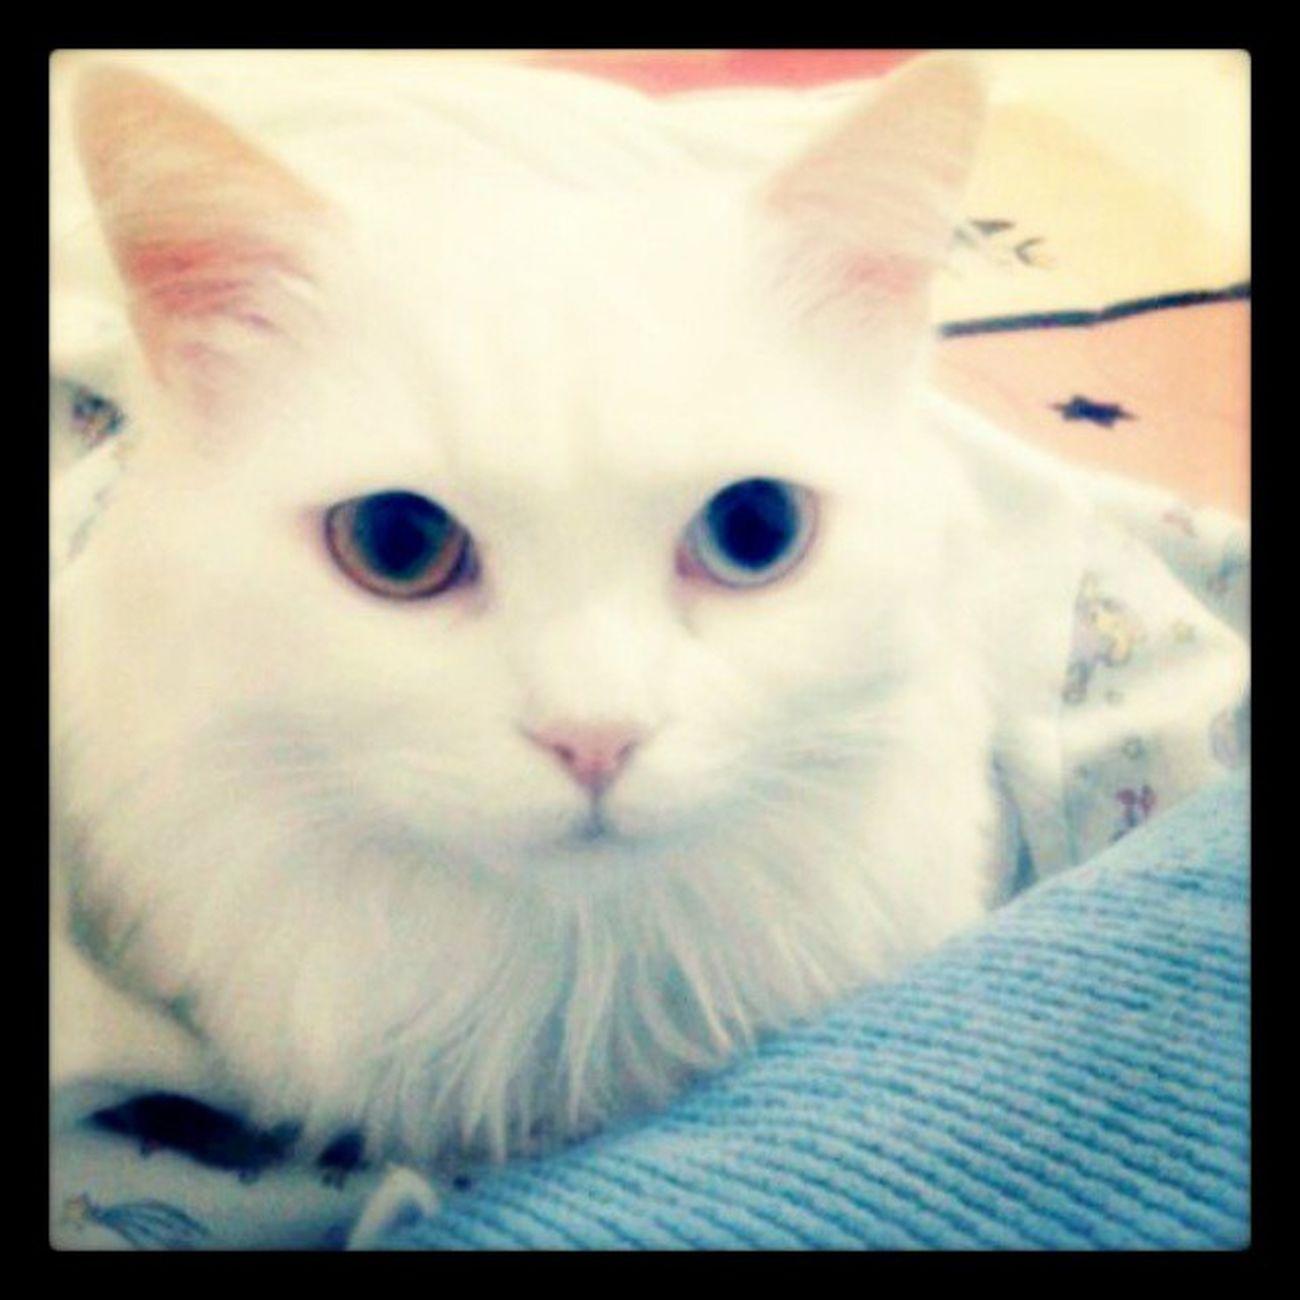 Uyucam bi bırakirsaniz bakışı :) Maya Mayukhan Cat Kedi balböcüğü